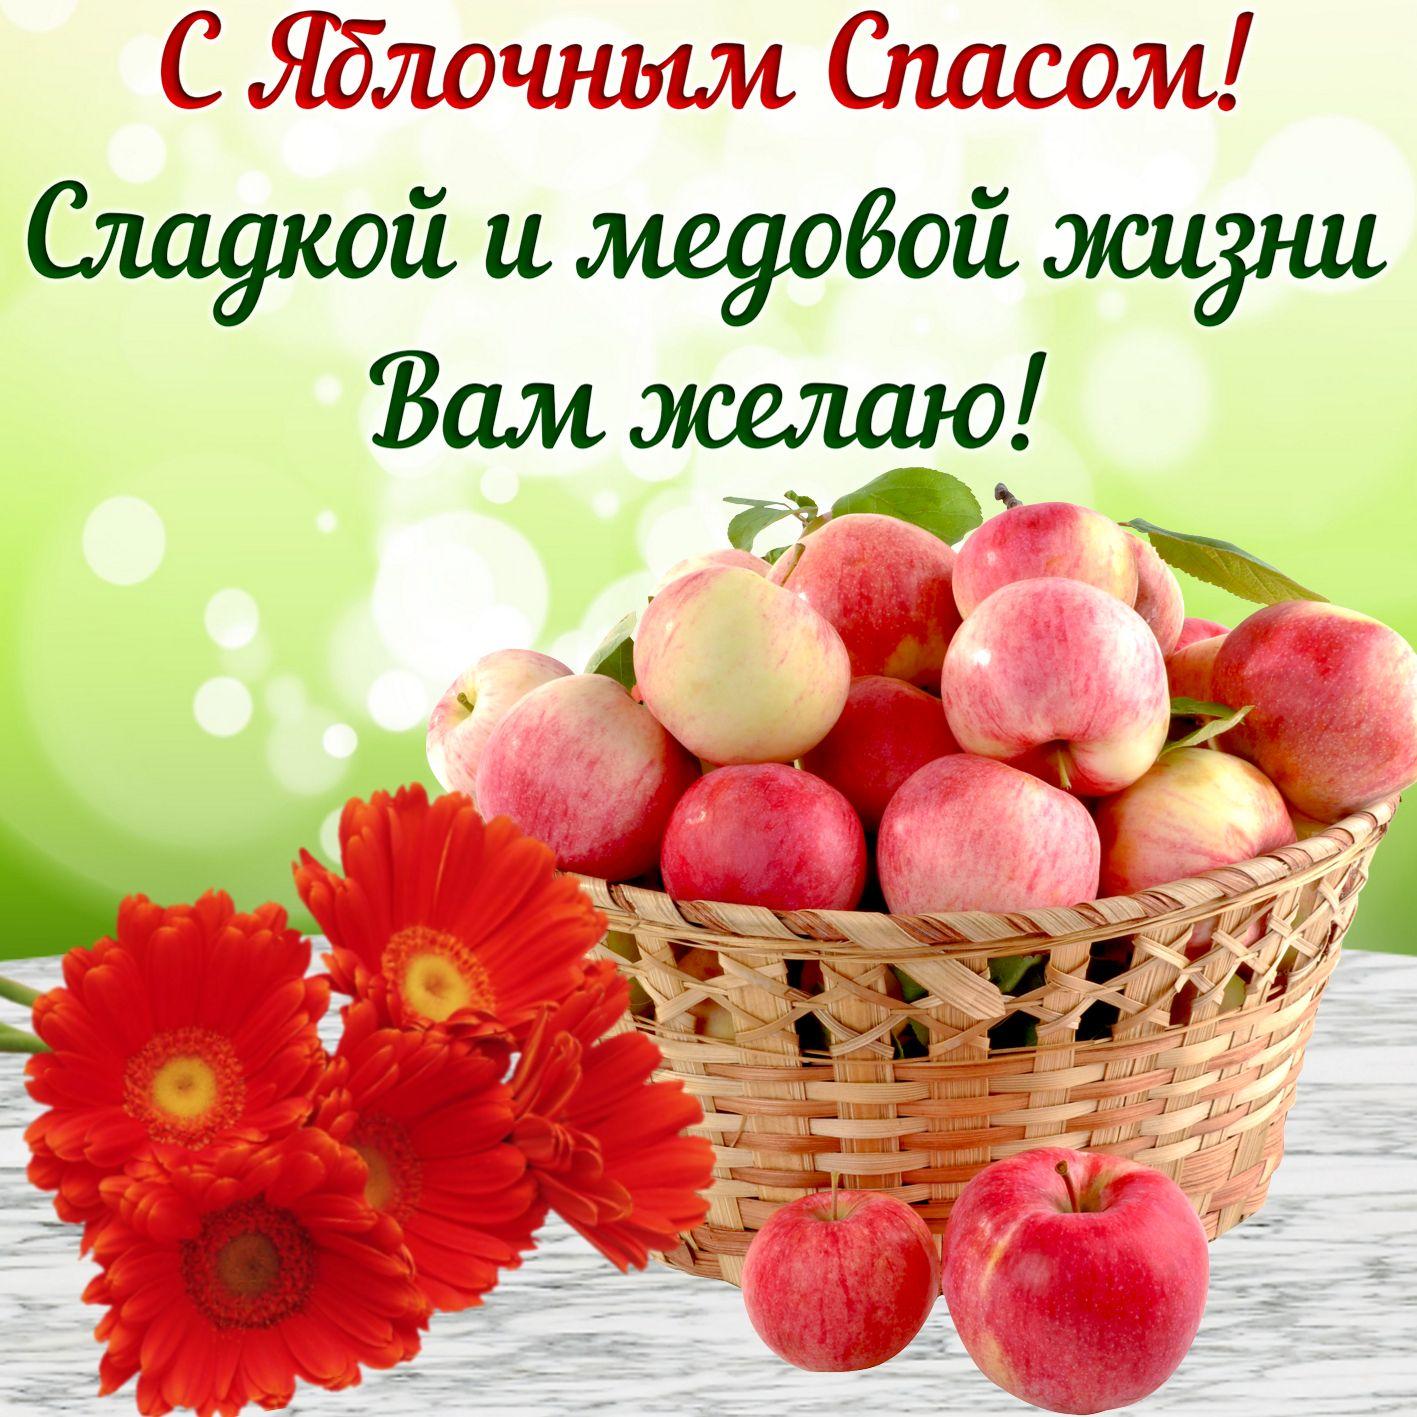 19 августа спас яблочный поздравление в прозе убытки например